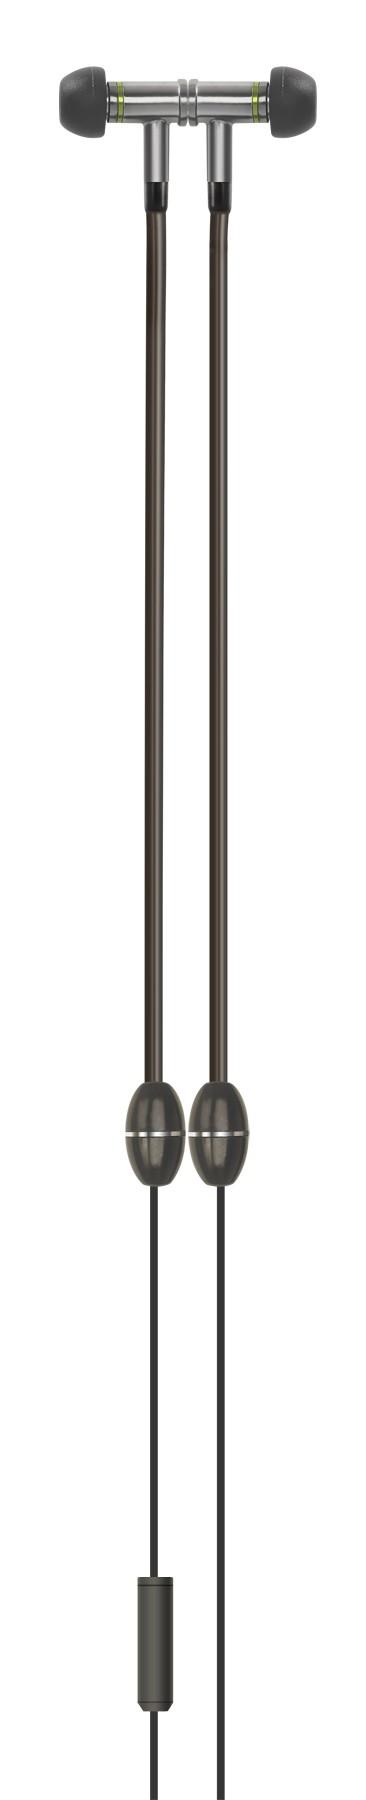 oreillette - headset aircom A1